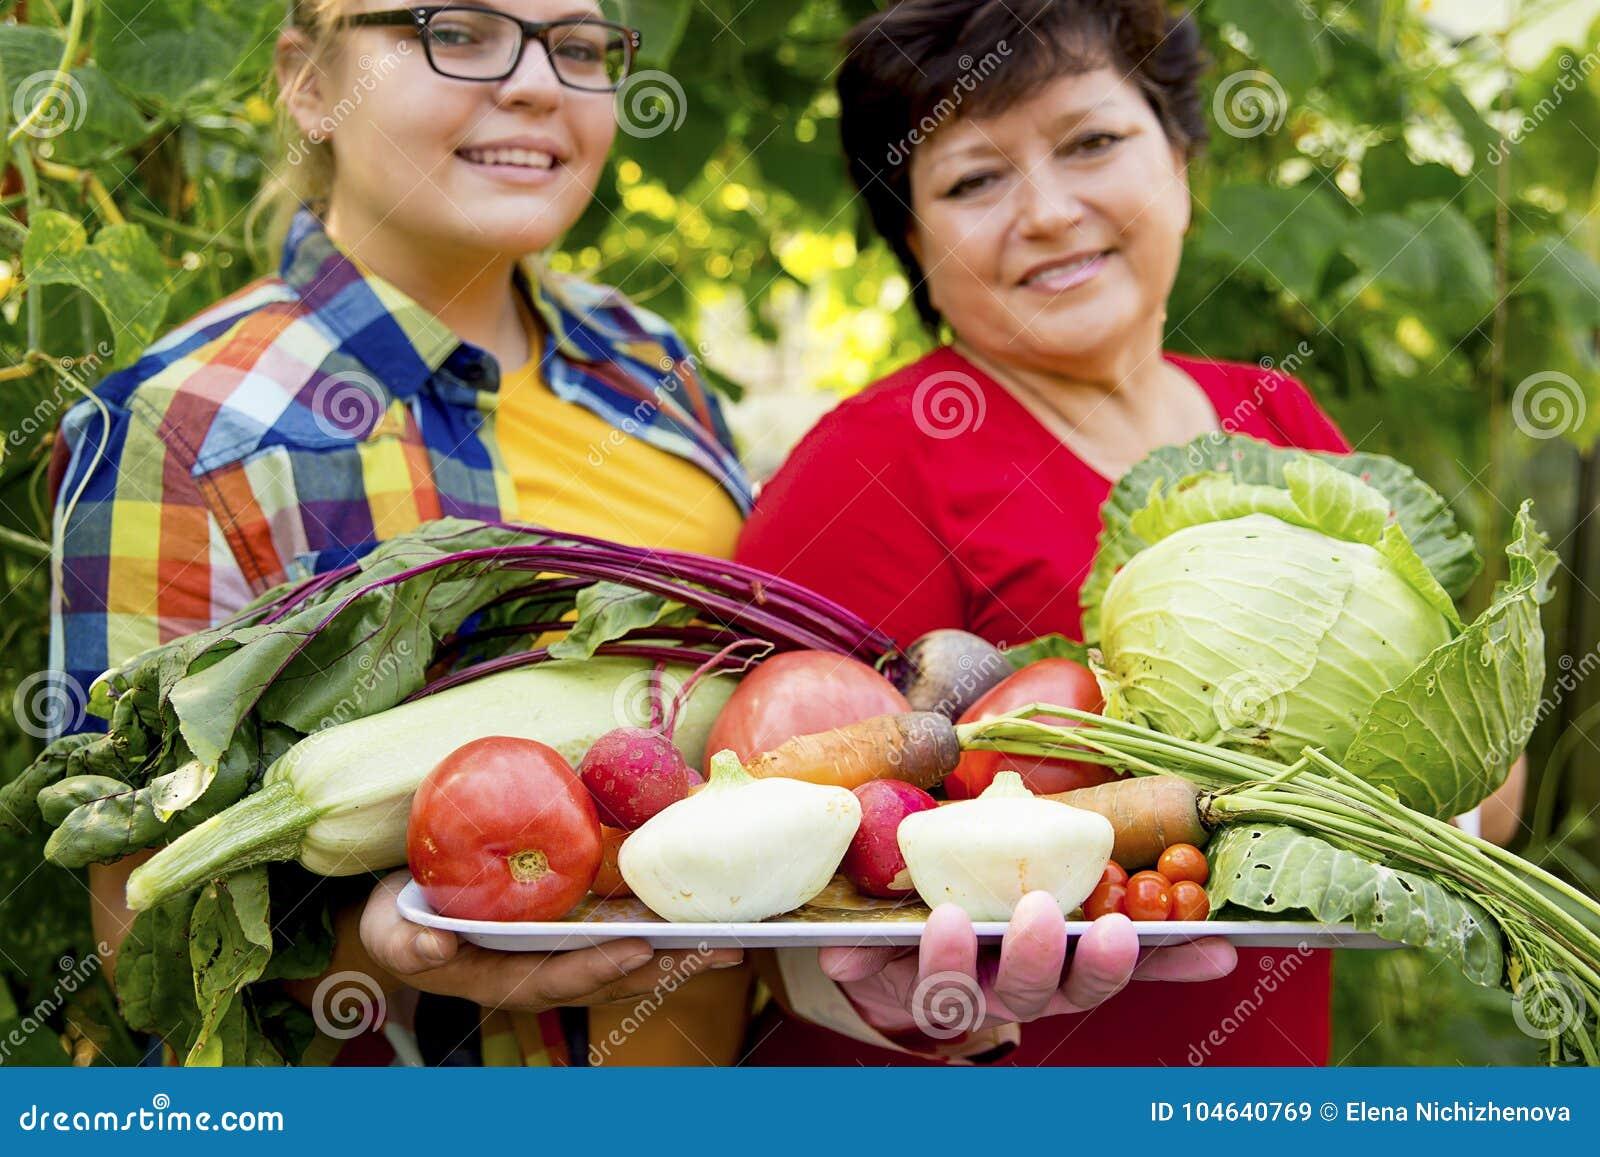 Download Vrouwen Die In Een Serre Werken Stock Afbeelding - Afbeelding bestaande uit landbouw, groen: 104640769